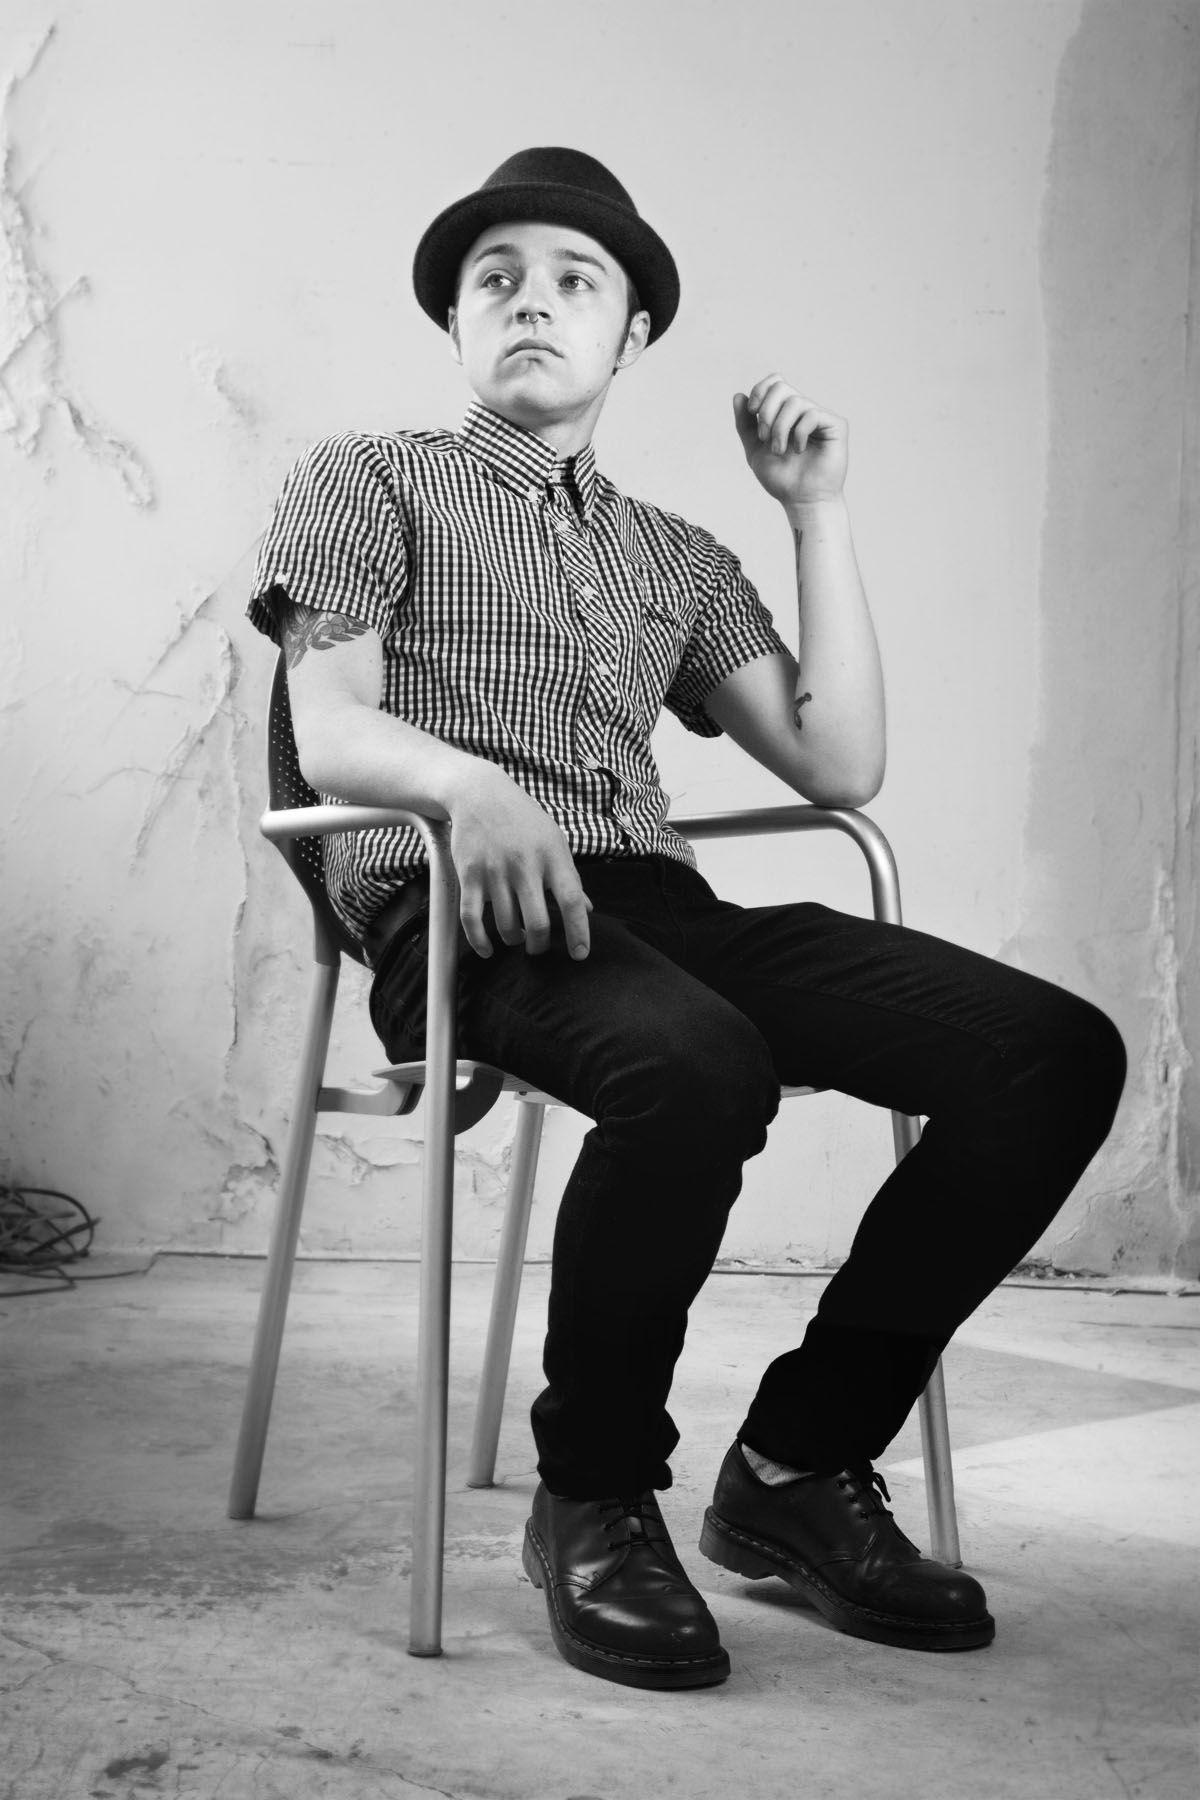 Ska Fashion For Men Images Galleries